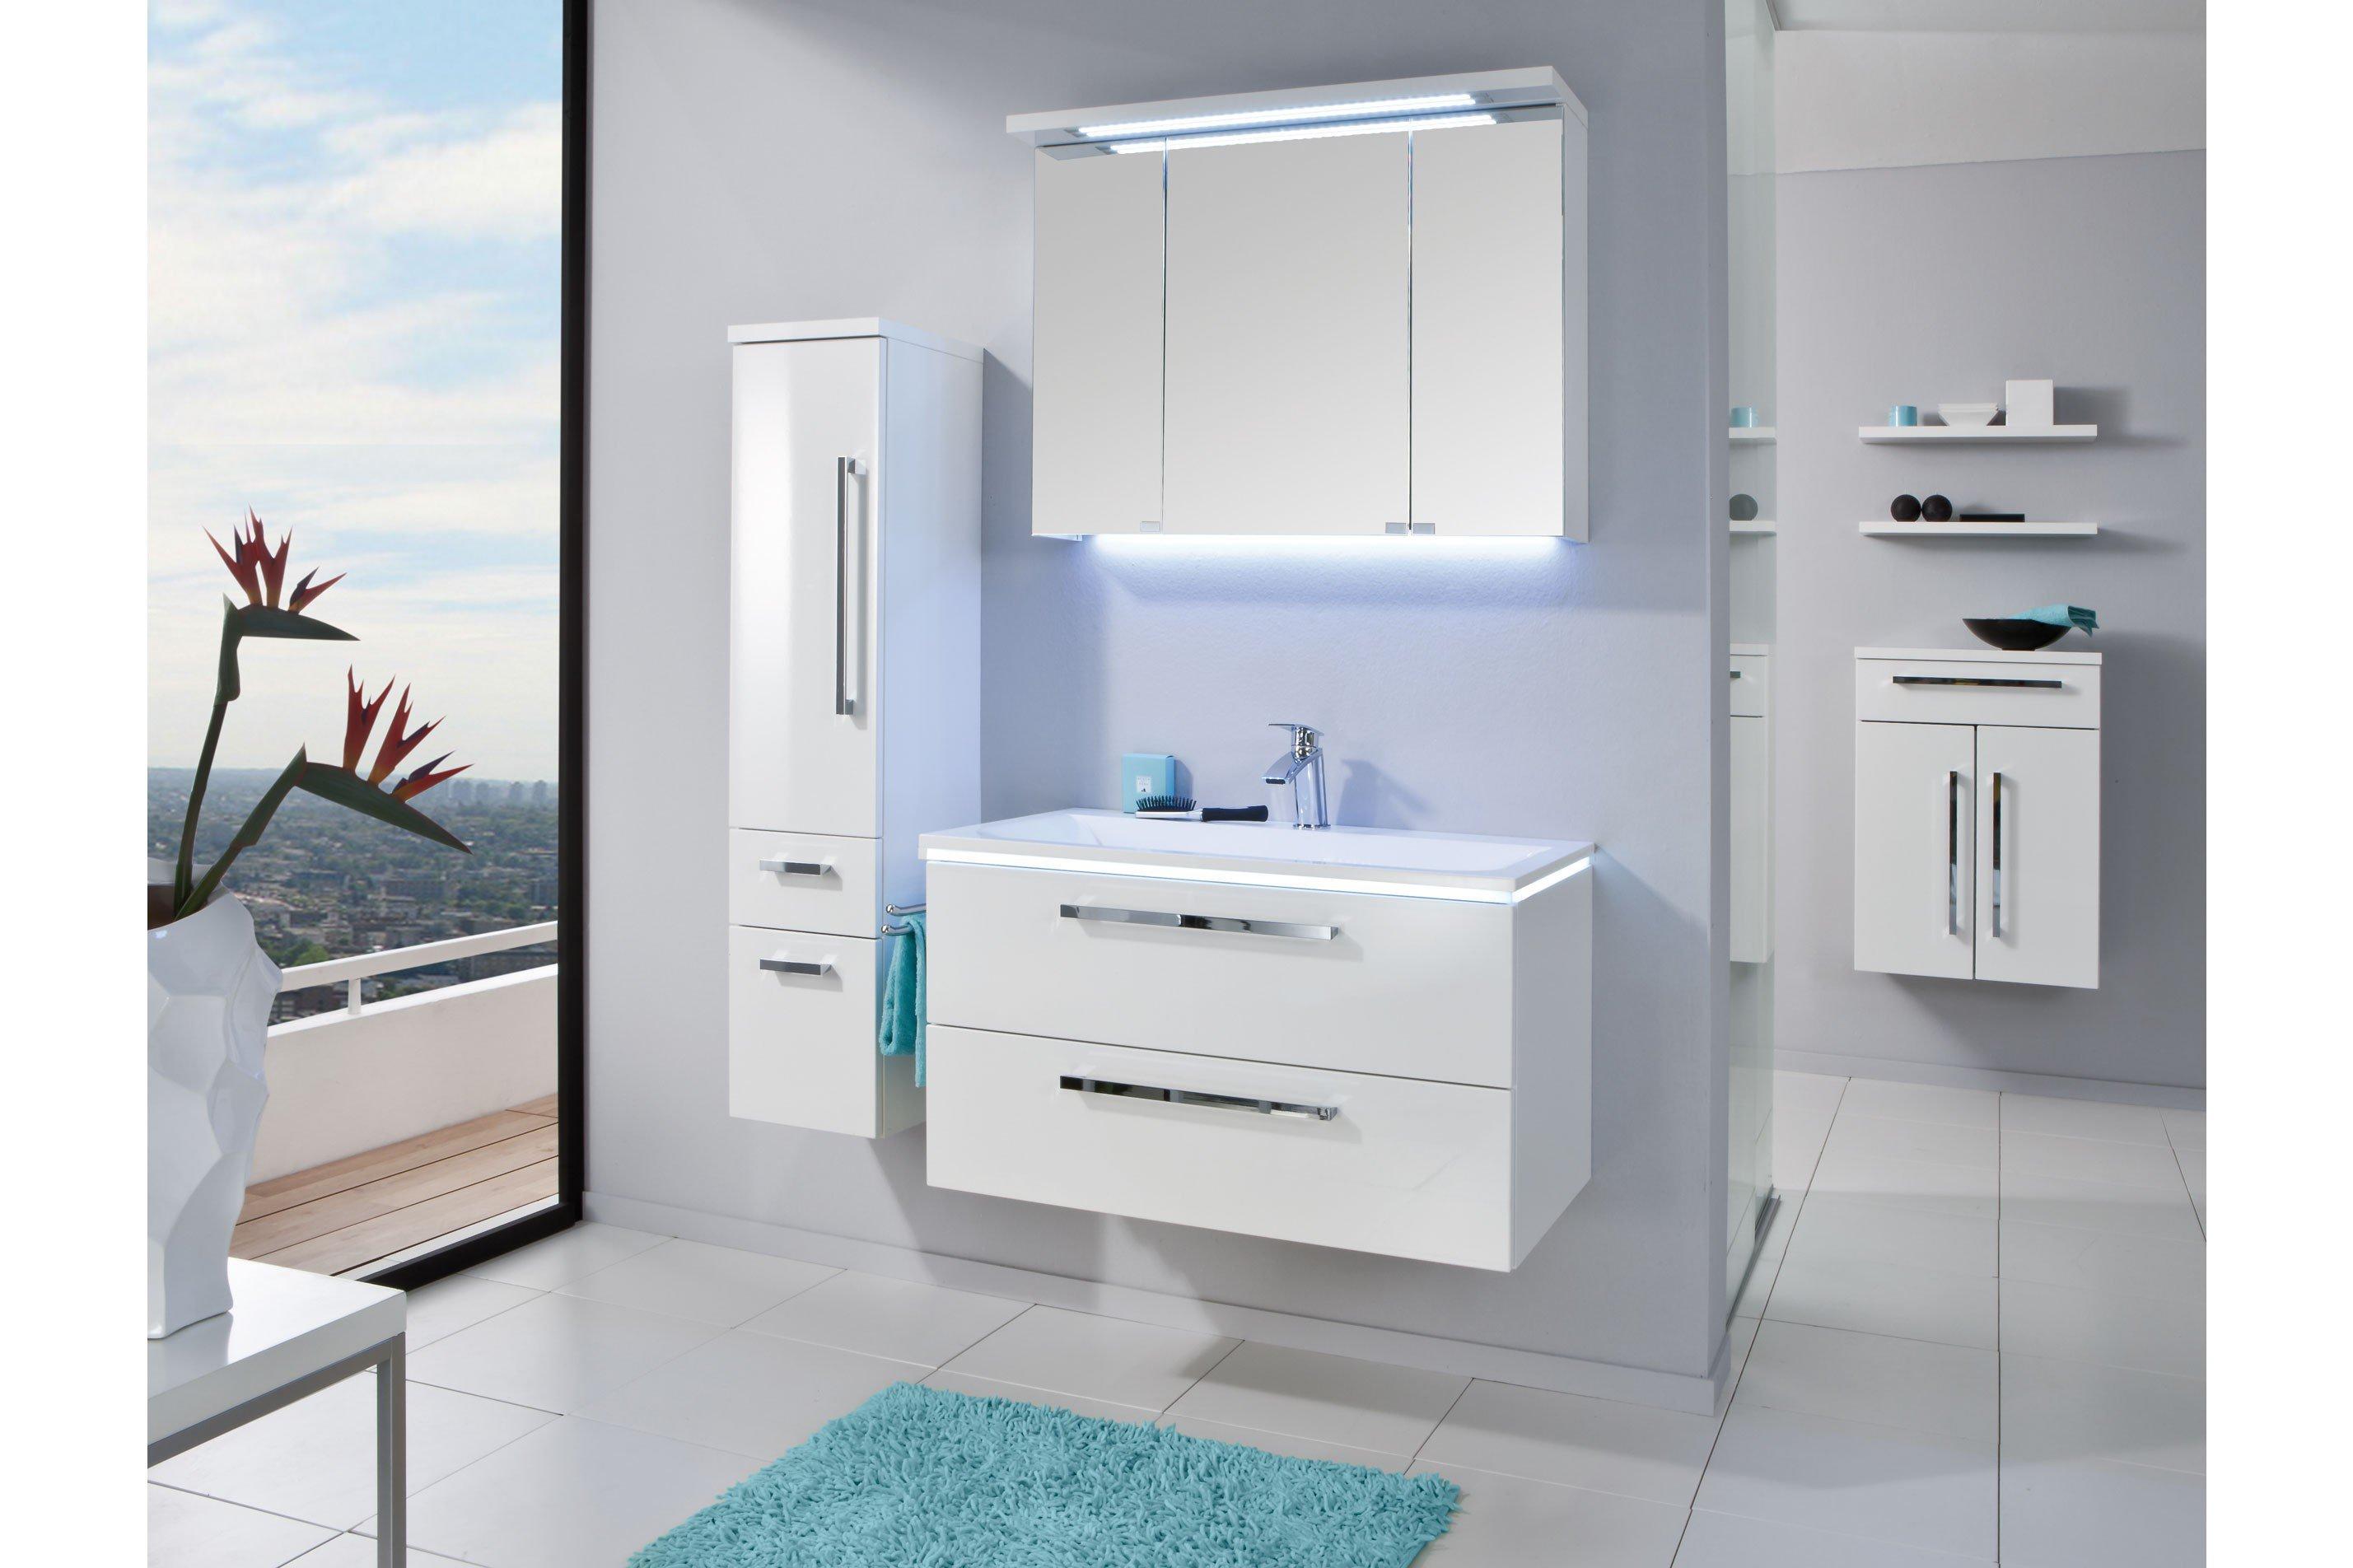 badezimmer star line in polarwei hochglanz puris m bel letz ihr online shop. Black Bedroom Furniture Sets. Home Design Ideas